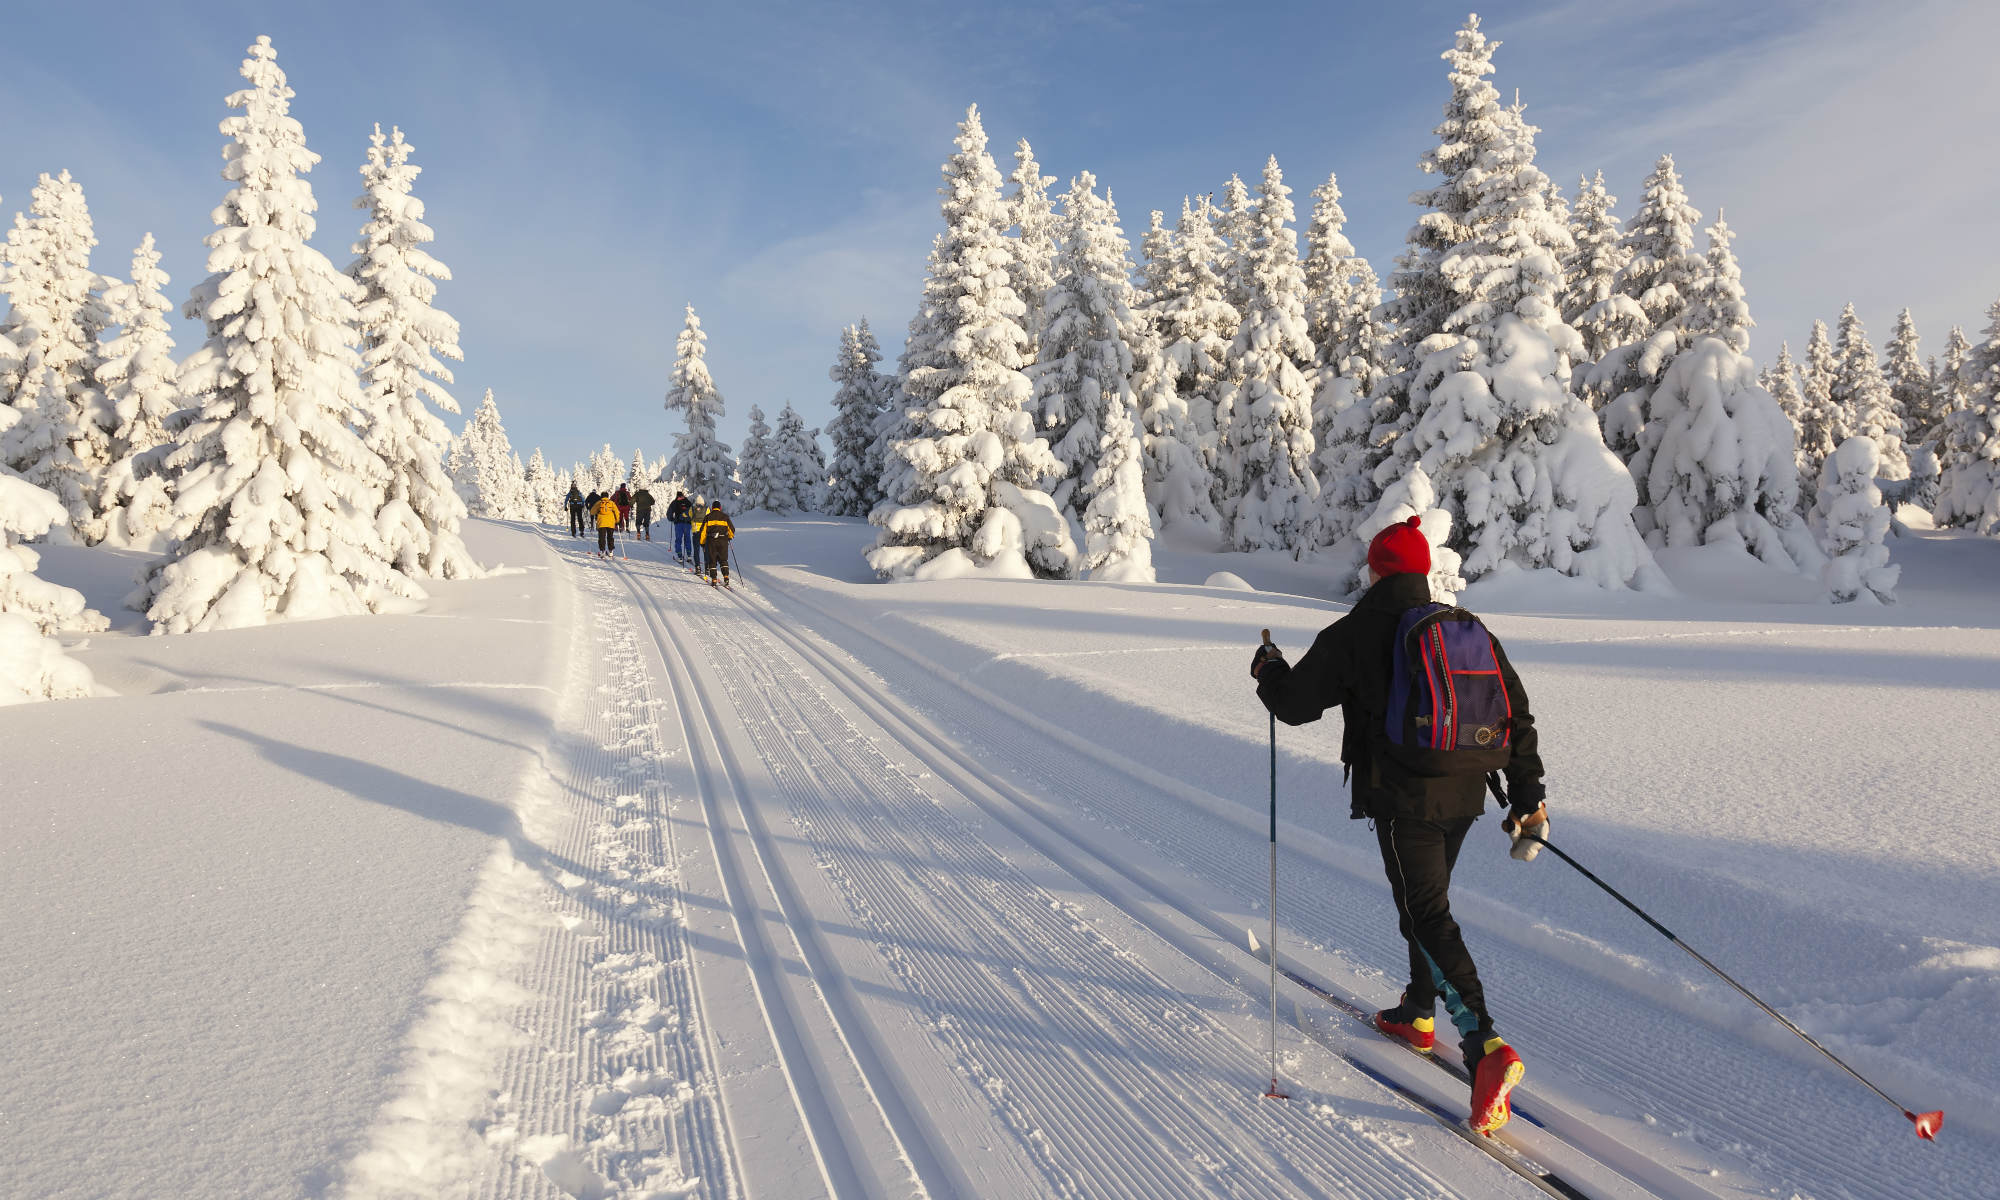 Eine Gruppe von Langläufern fährt auf einer sonnigen, verschneiten Loipe.